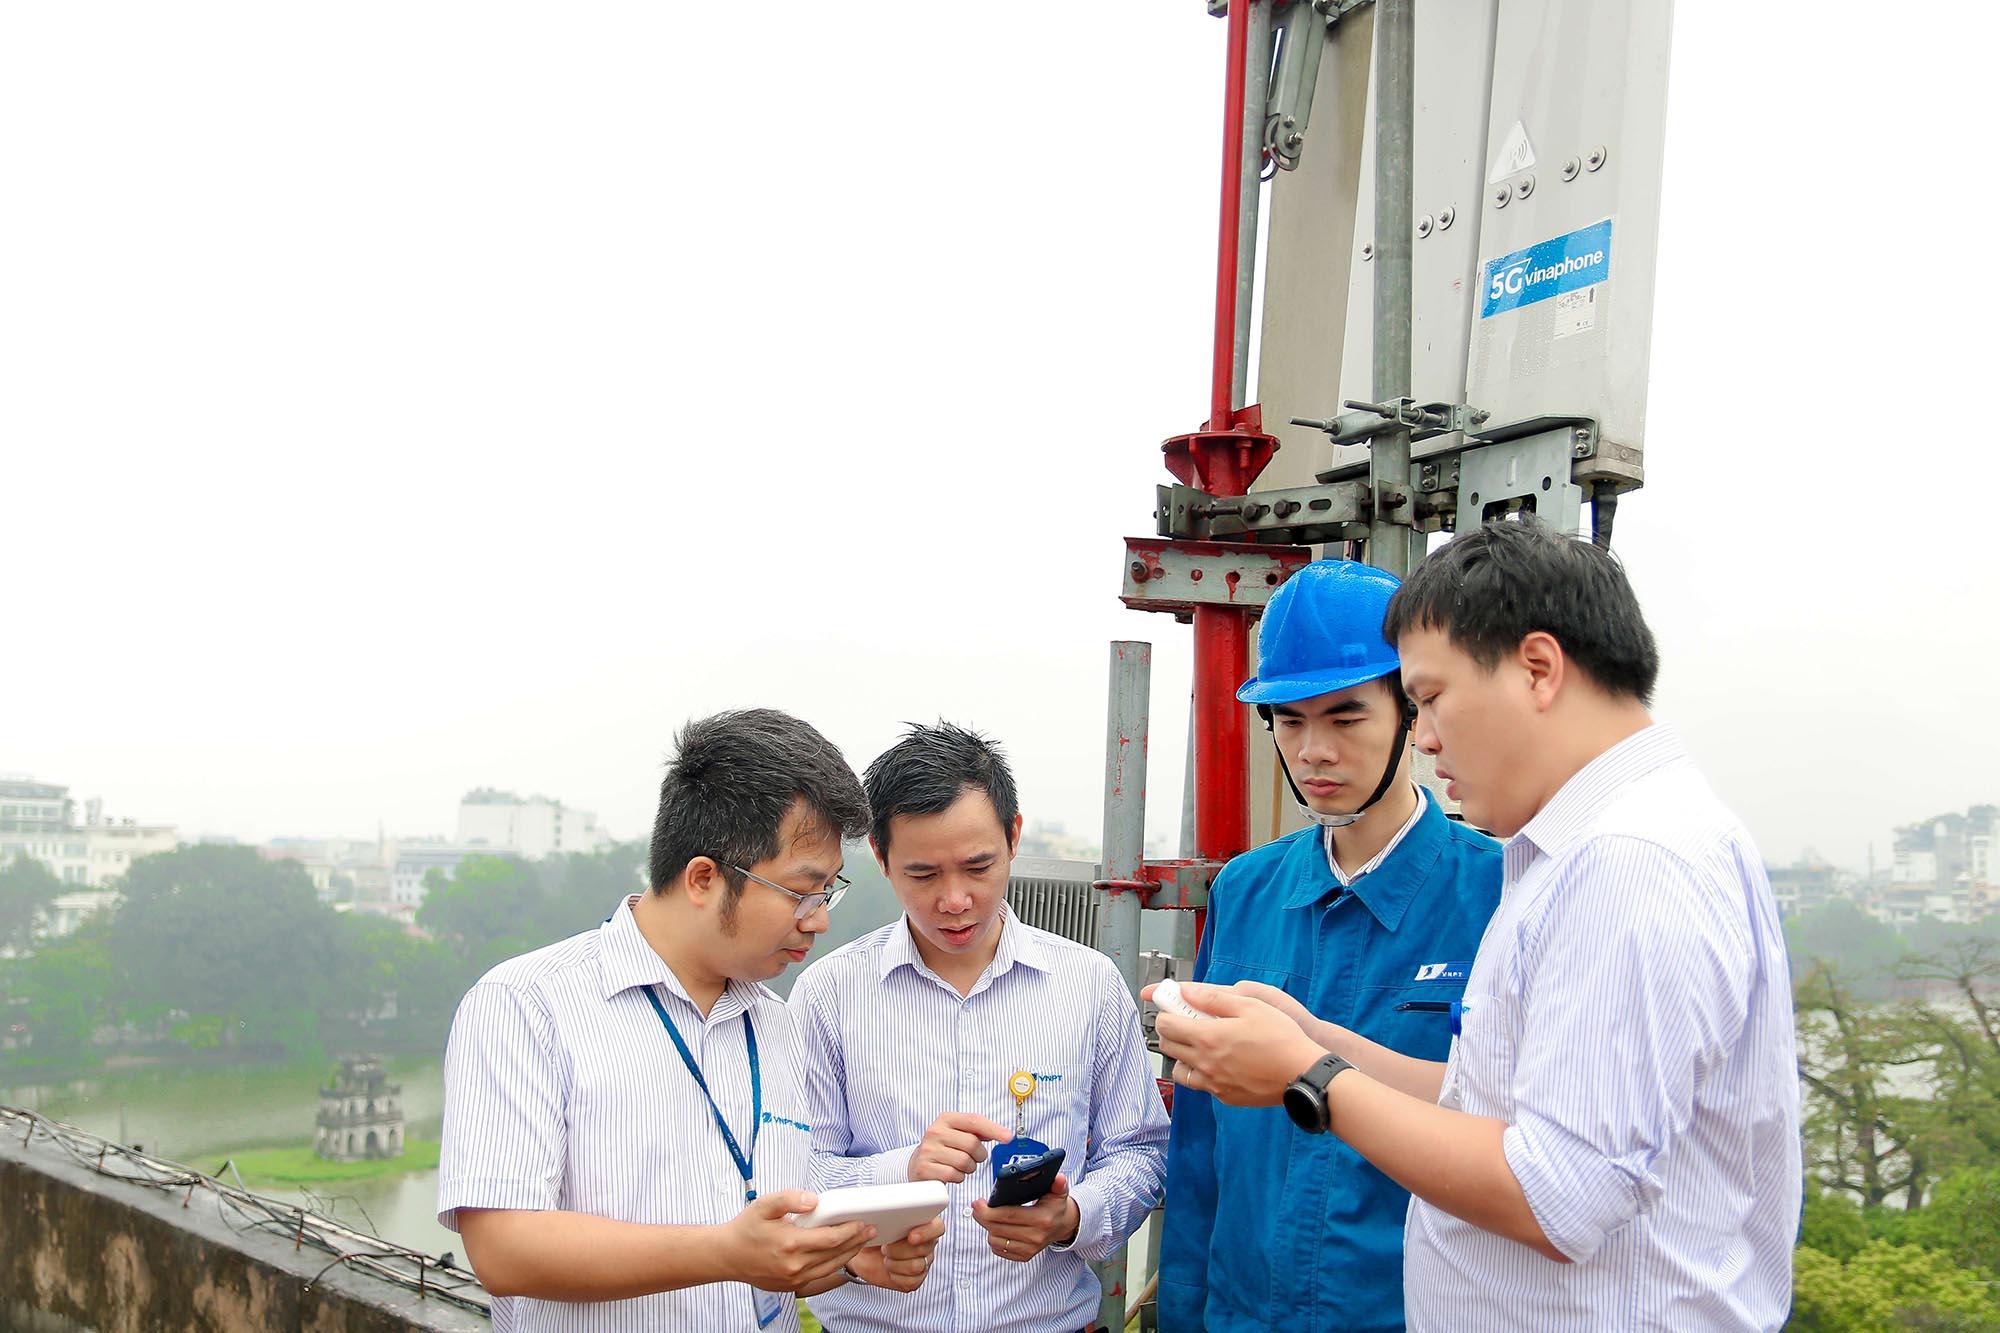 VNPT thử nghiệm thành công mạng VinaPhone 5G phục vụ thương mại đạt tốc độ 2.2Gbps